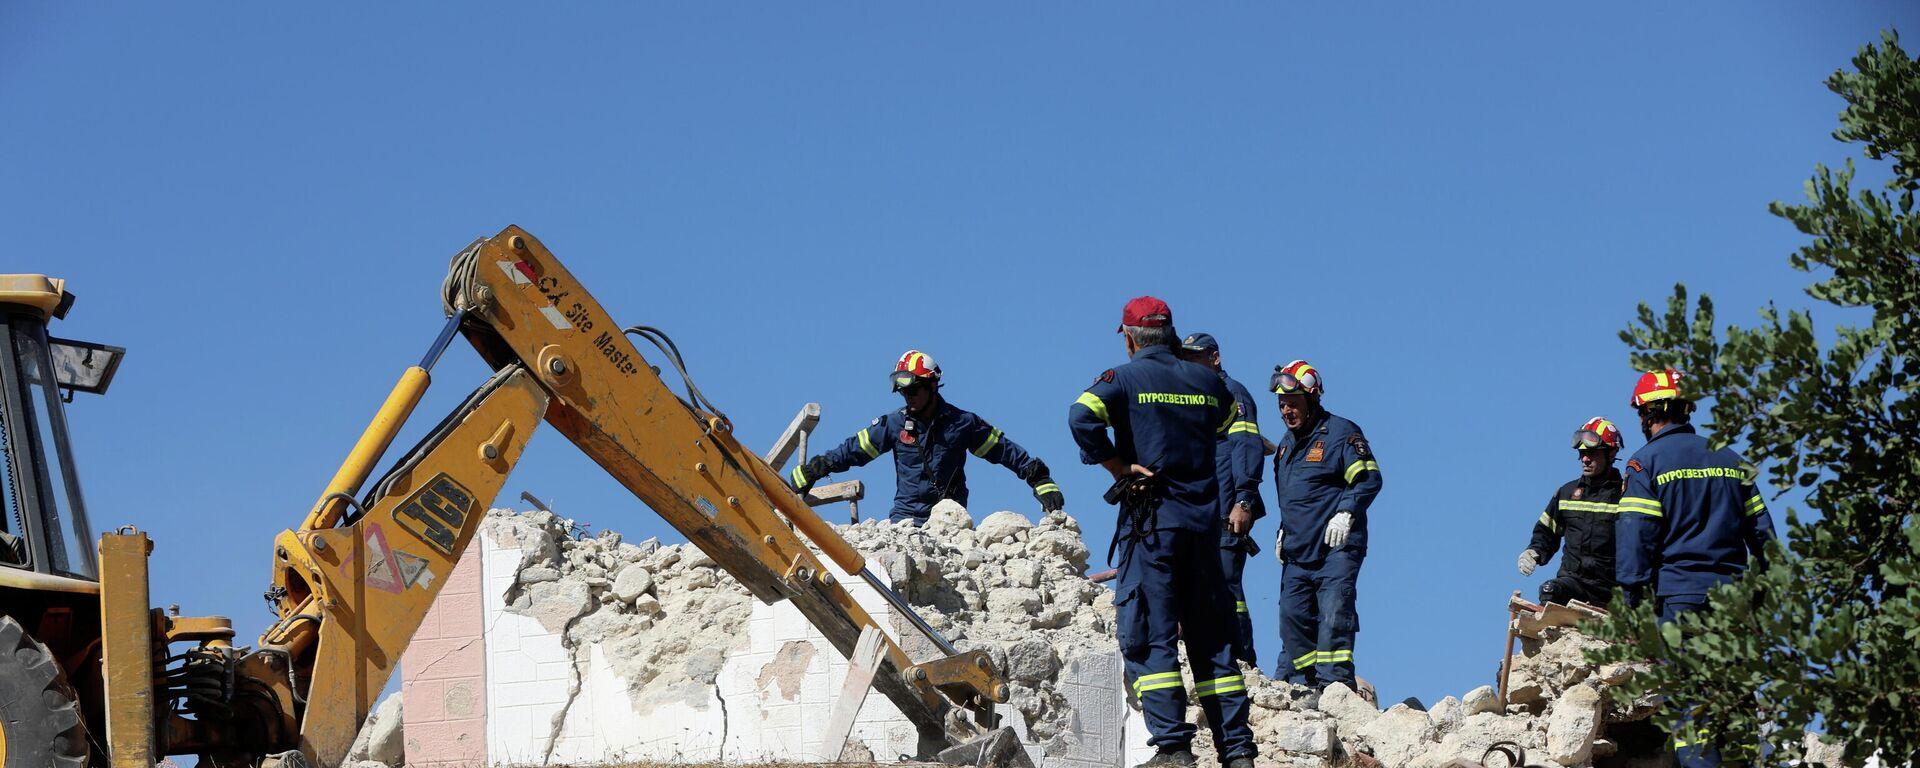 Erdbeben auf der griechischen Urlaubsinsel Kreta am 27. September 2021 - SNA, 1920, 27.09.2021